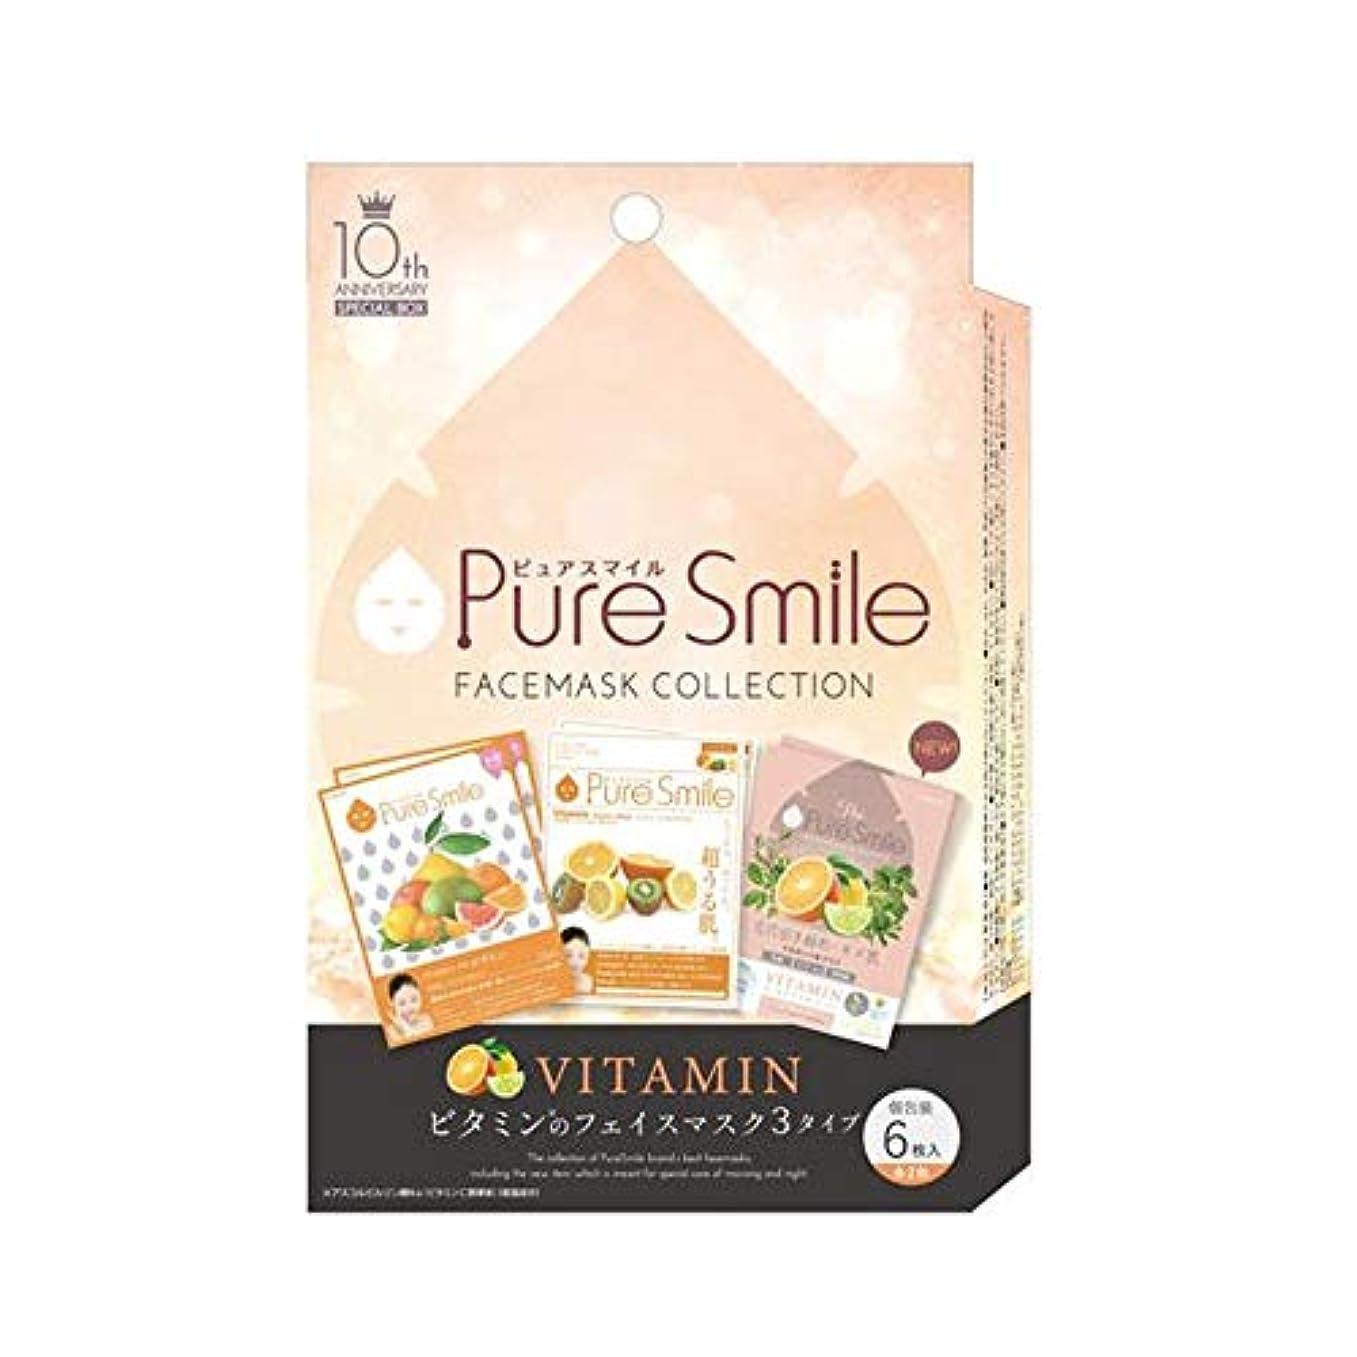 メンテナンスドナウ川忌まわしいピュア スマイル Pure Smile 10thアニバーサリー スペシャルボックス ビタミン 6枚入り